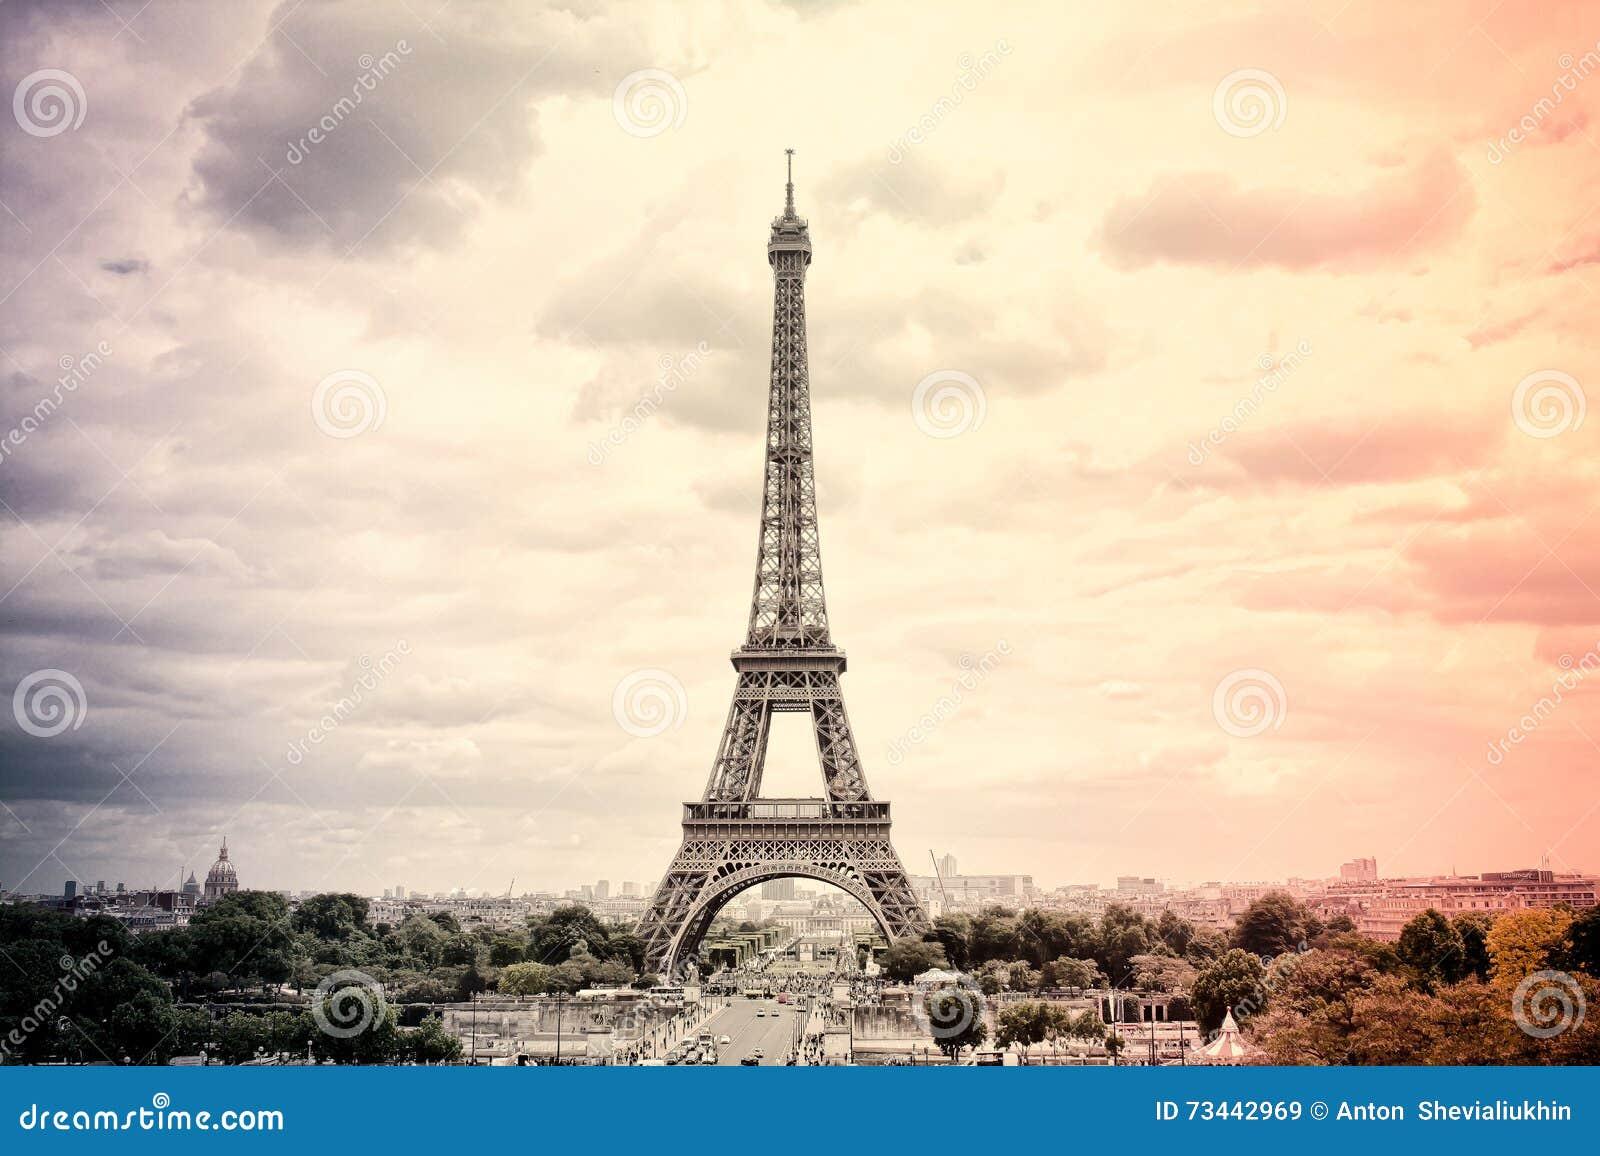 全景艾菲尔铁塔在法国国旗的颜色的巴黎 葡萄酒 游览埃菲尔老减速火箭的样式